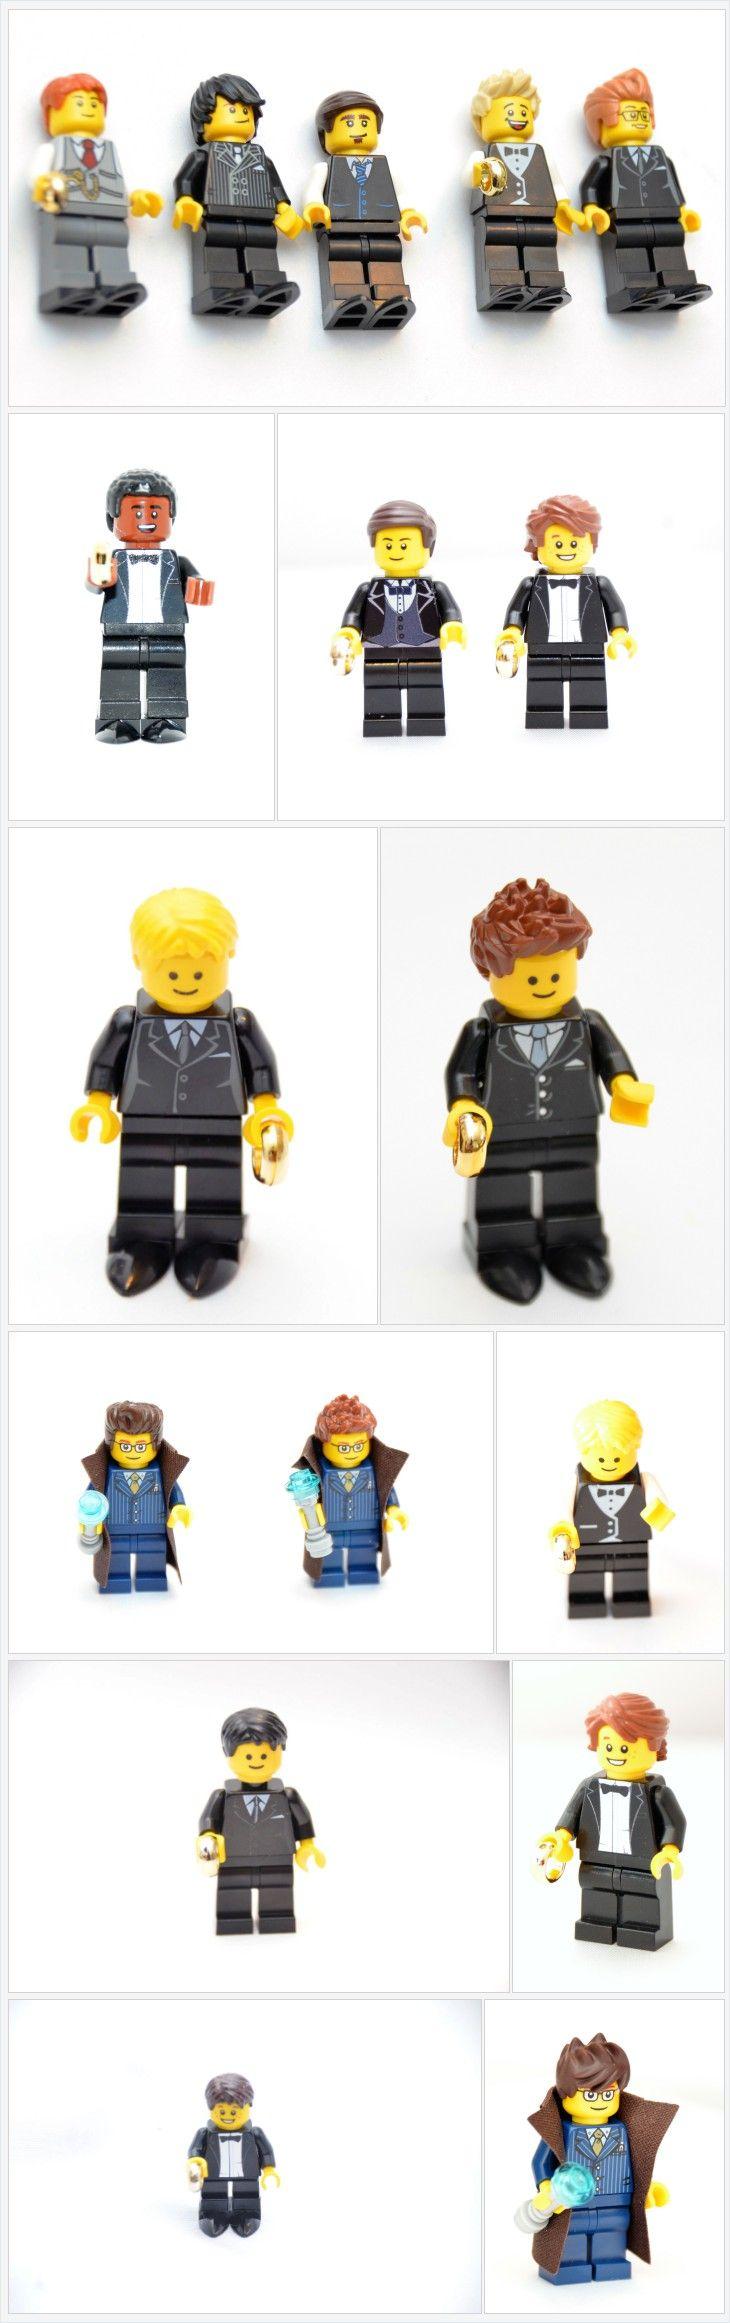 Pin by Divinity Braid by ASVWeddings on Lego Wedding Stuff